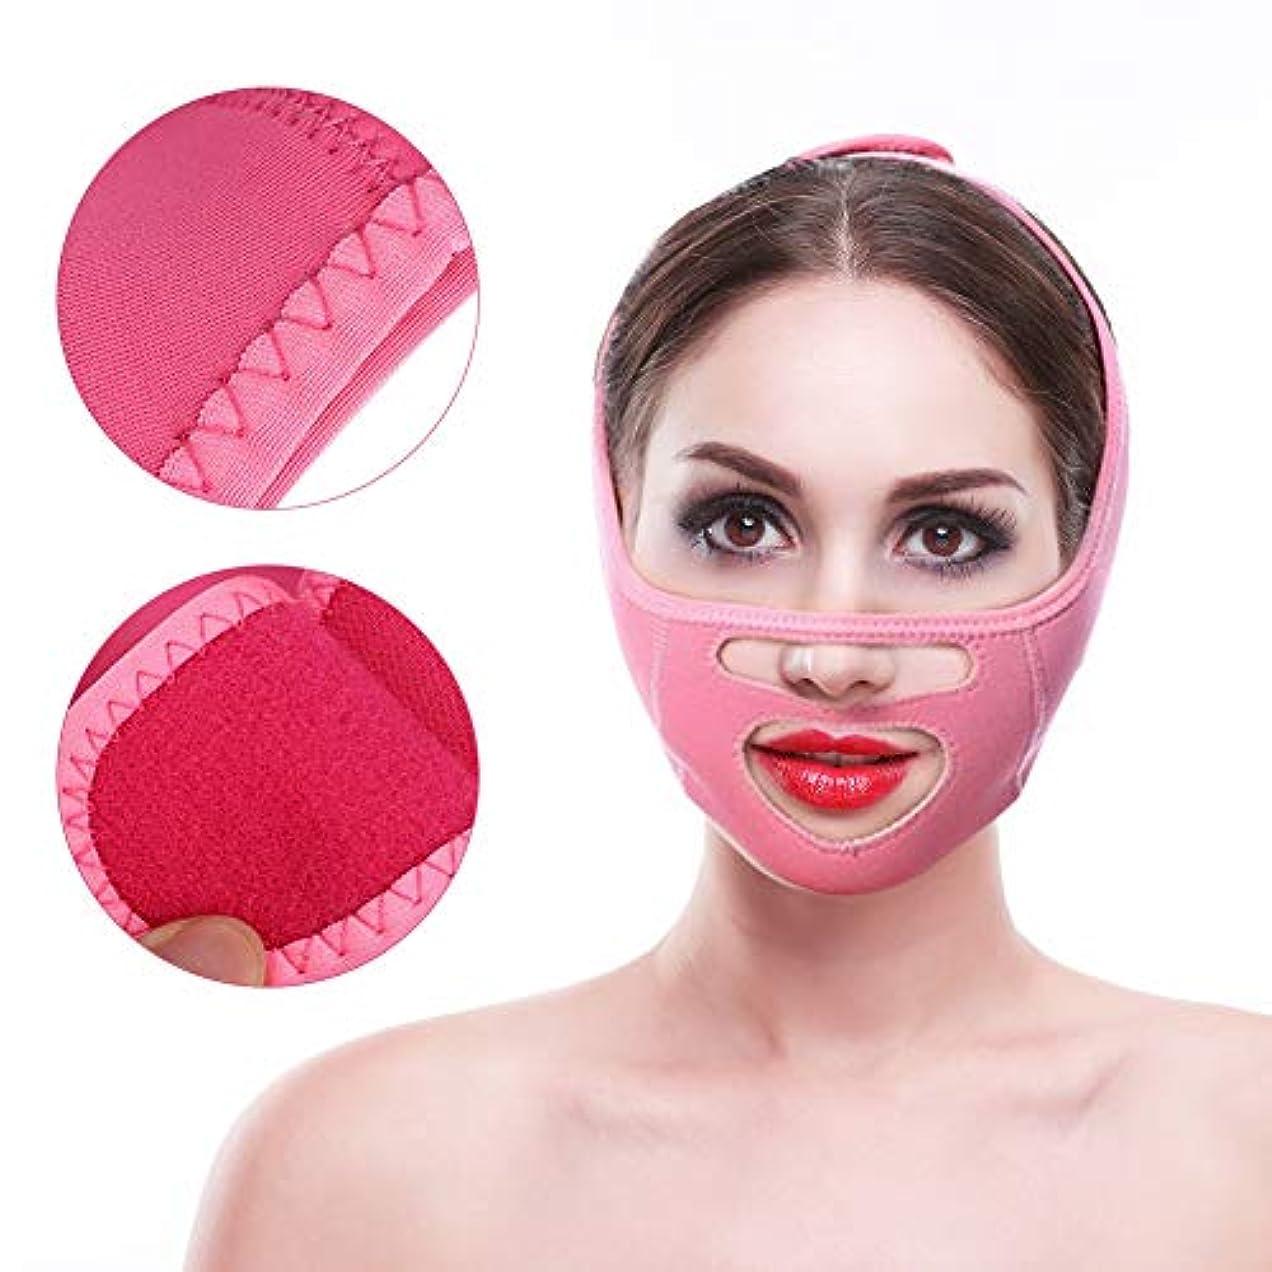 戻るインフレーションシルエット顔の持ち上がる整形ベルト、効果的に顔の形を改善し、顔と首の二重あごに肌を引き締め包帯を減らす